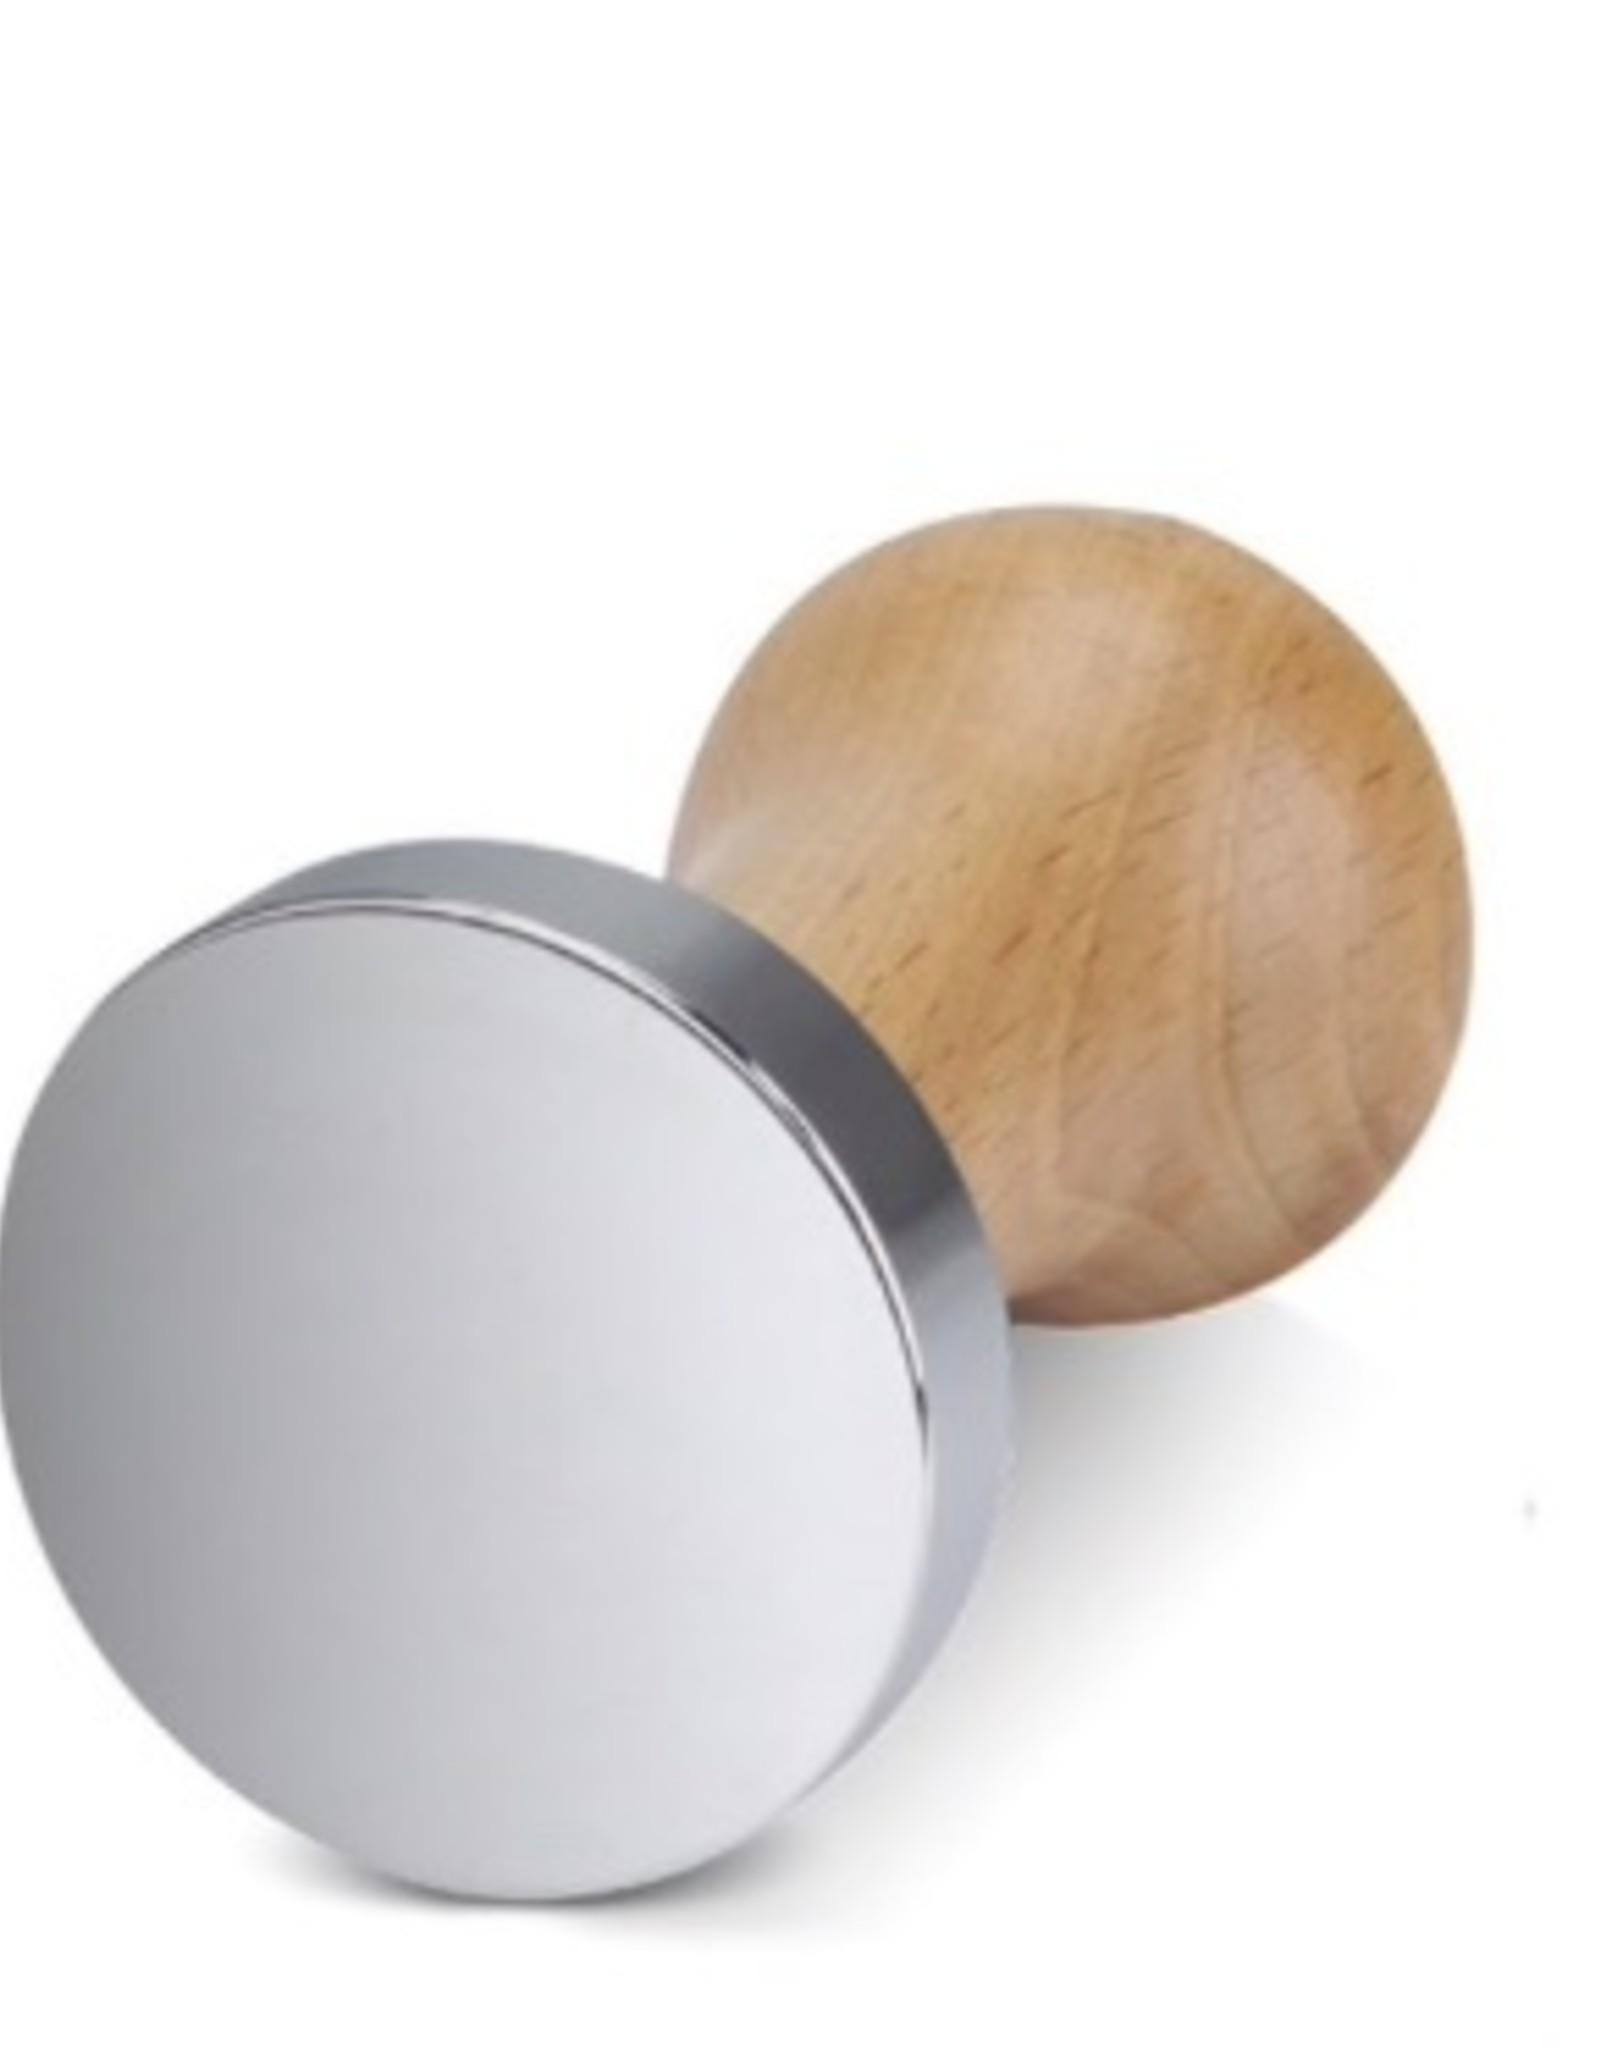 Presse-café 58 mm : manche en bois